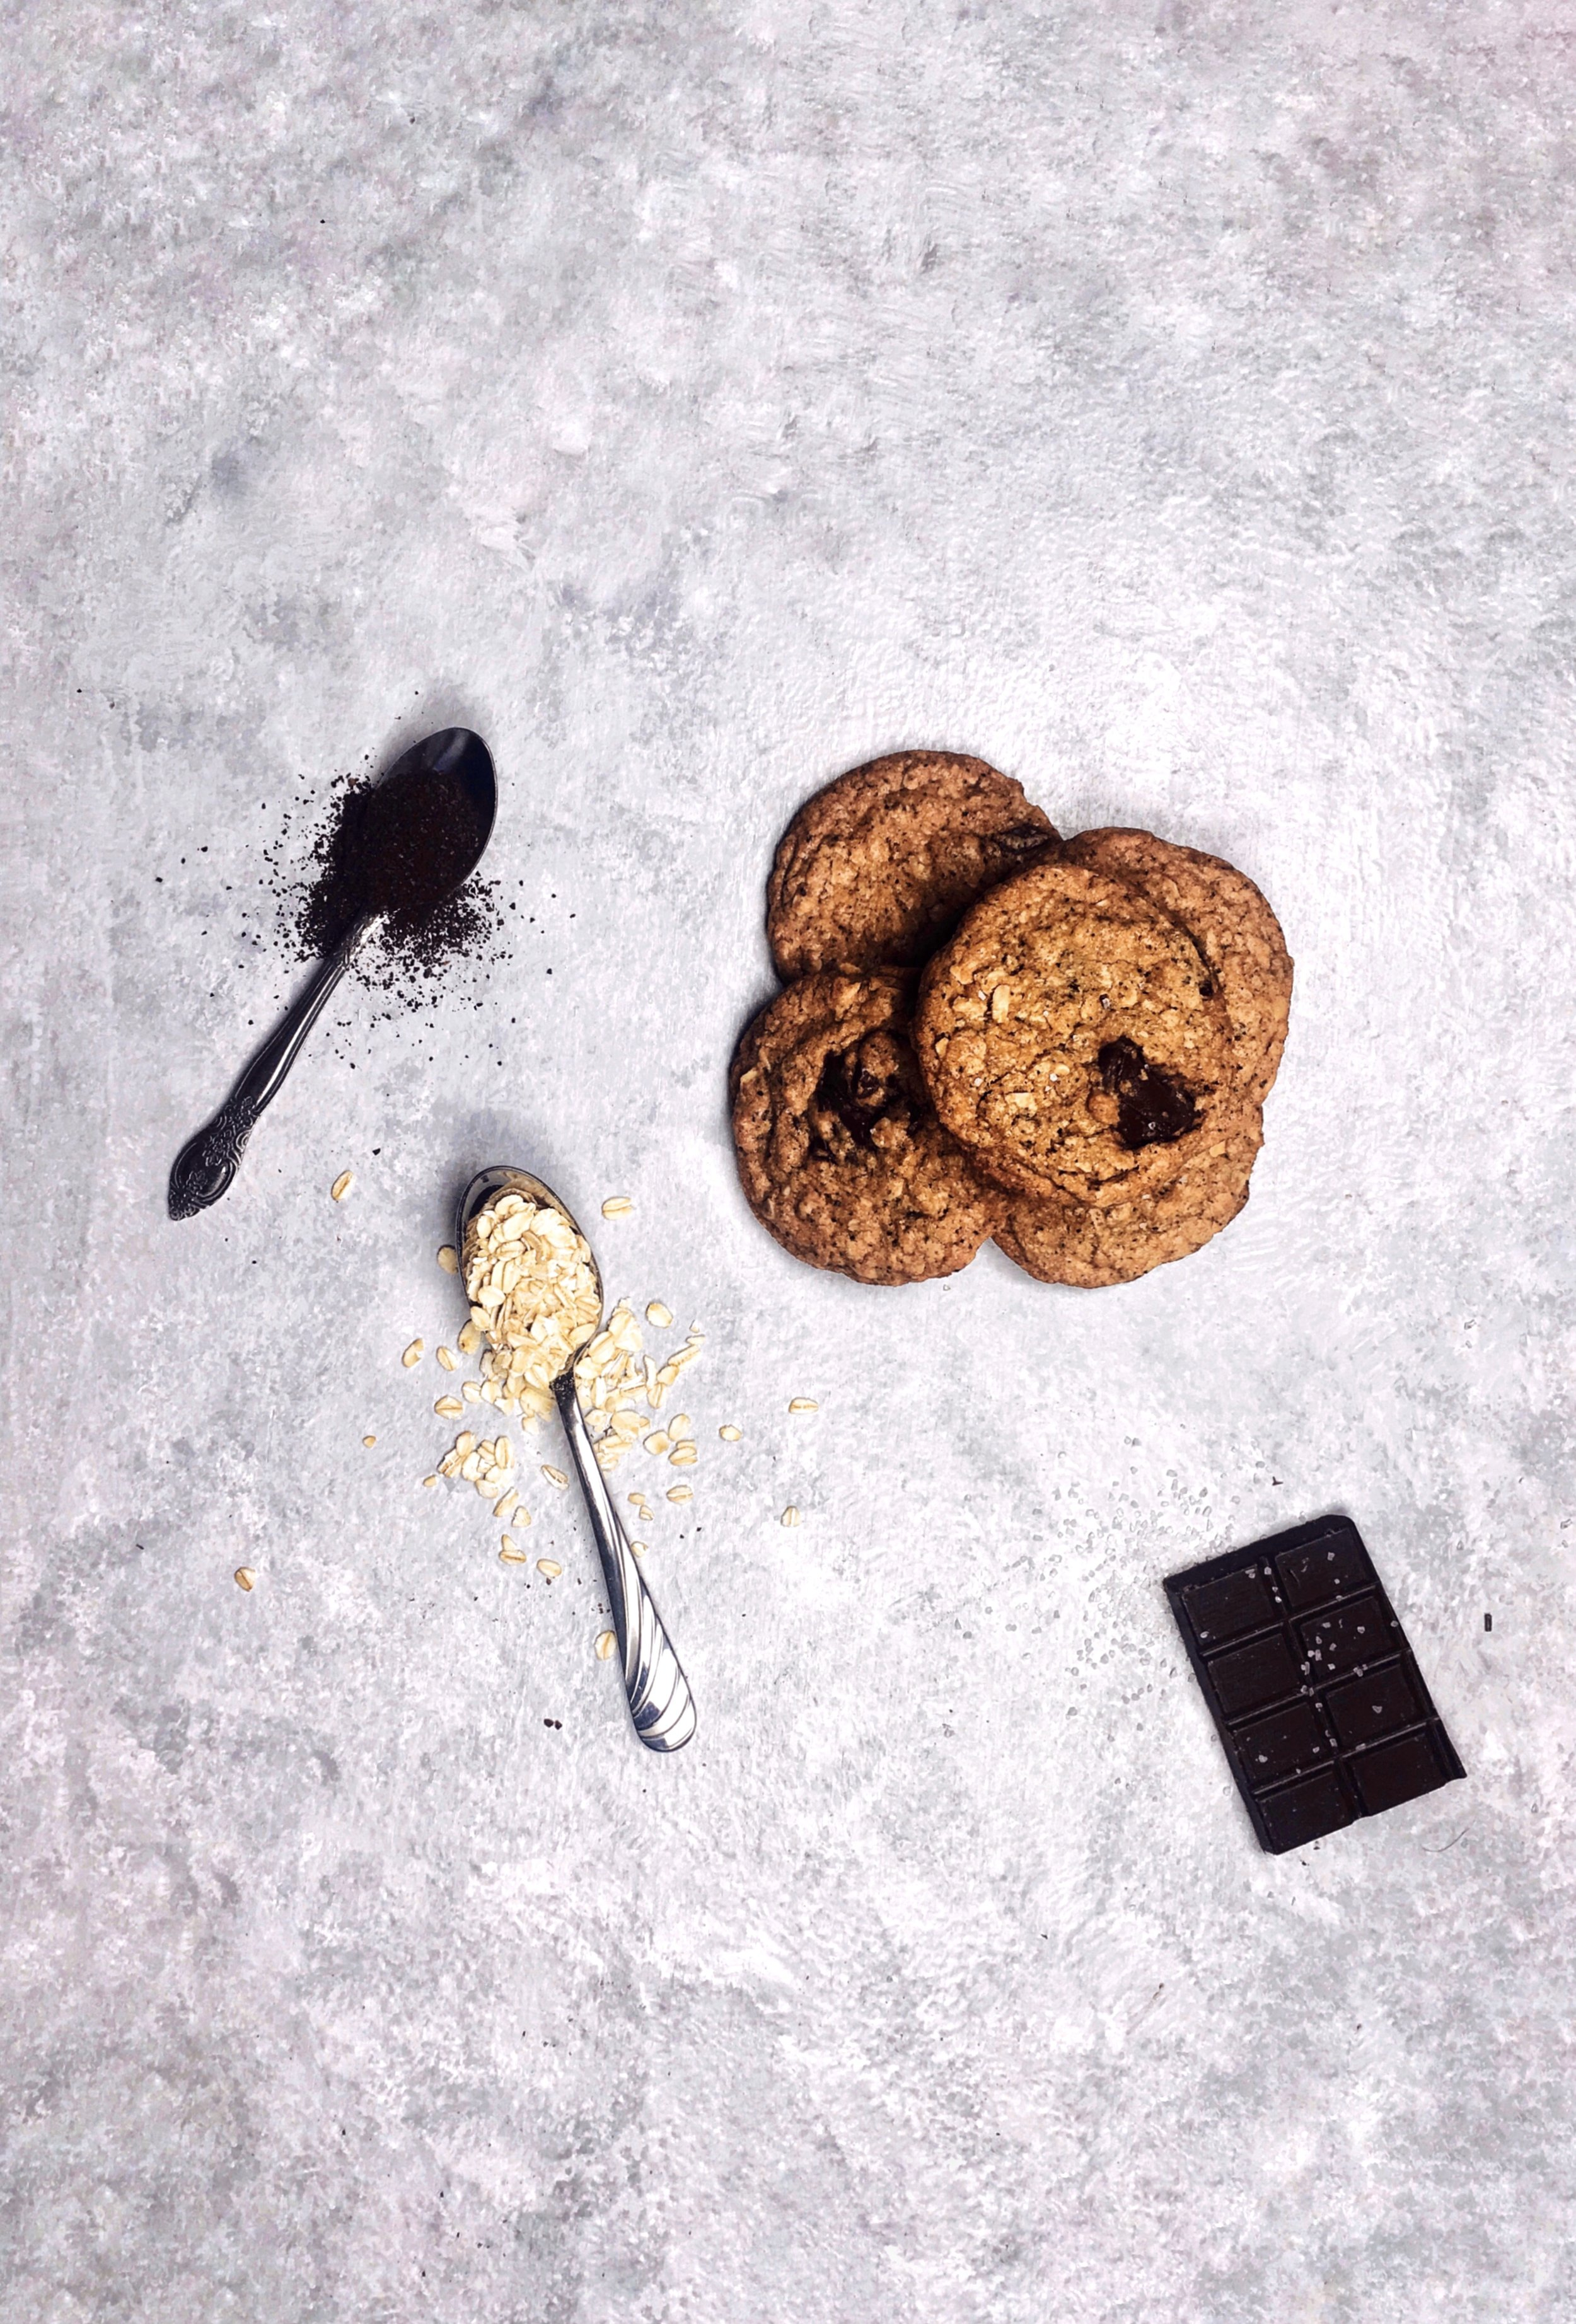 Brown Butter Espresso Crack Cookies